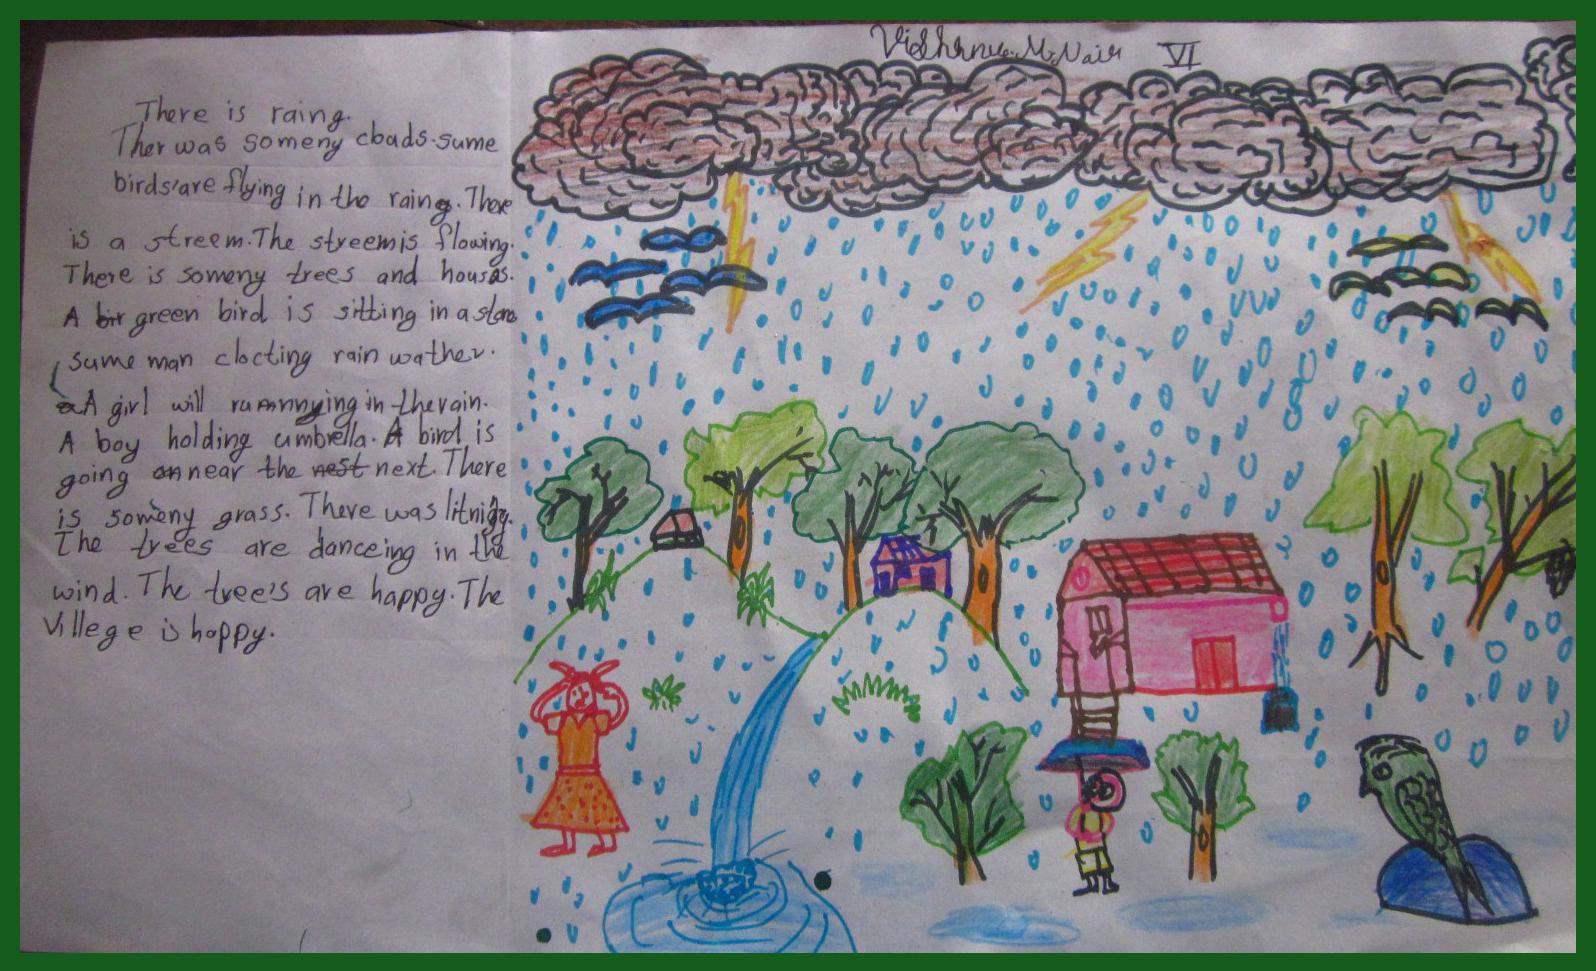 Why do you like rainy season